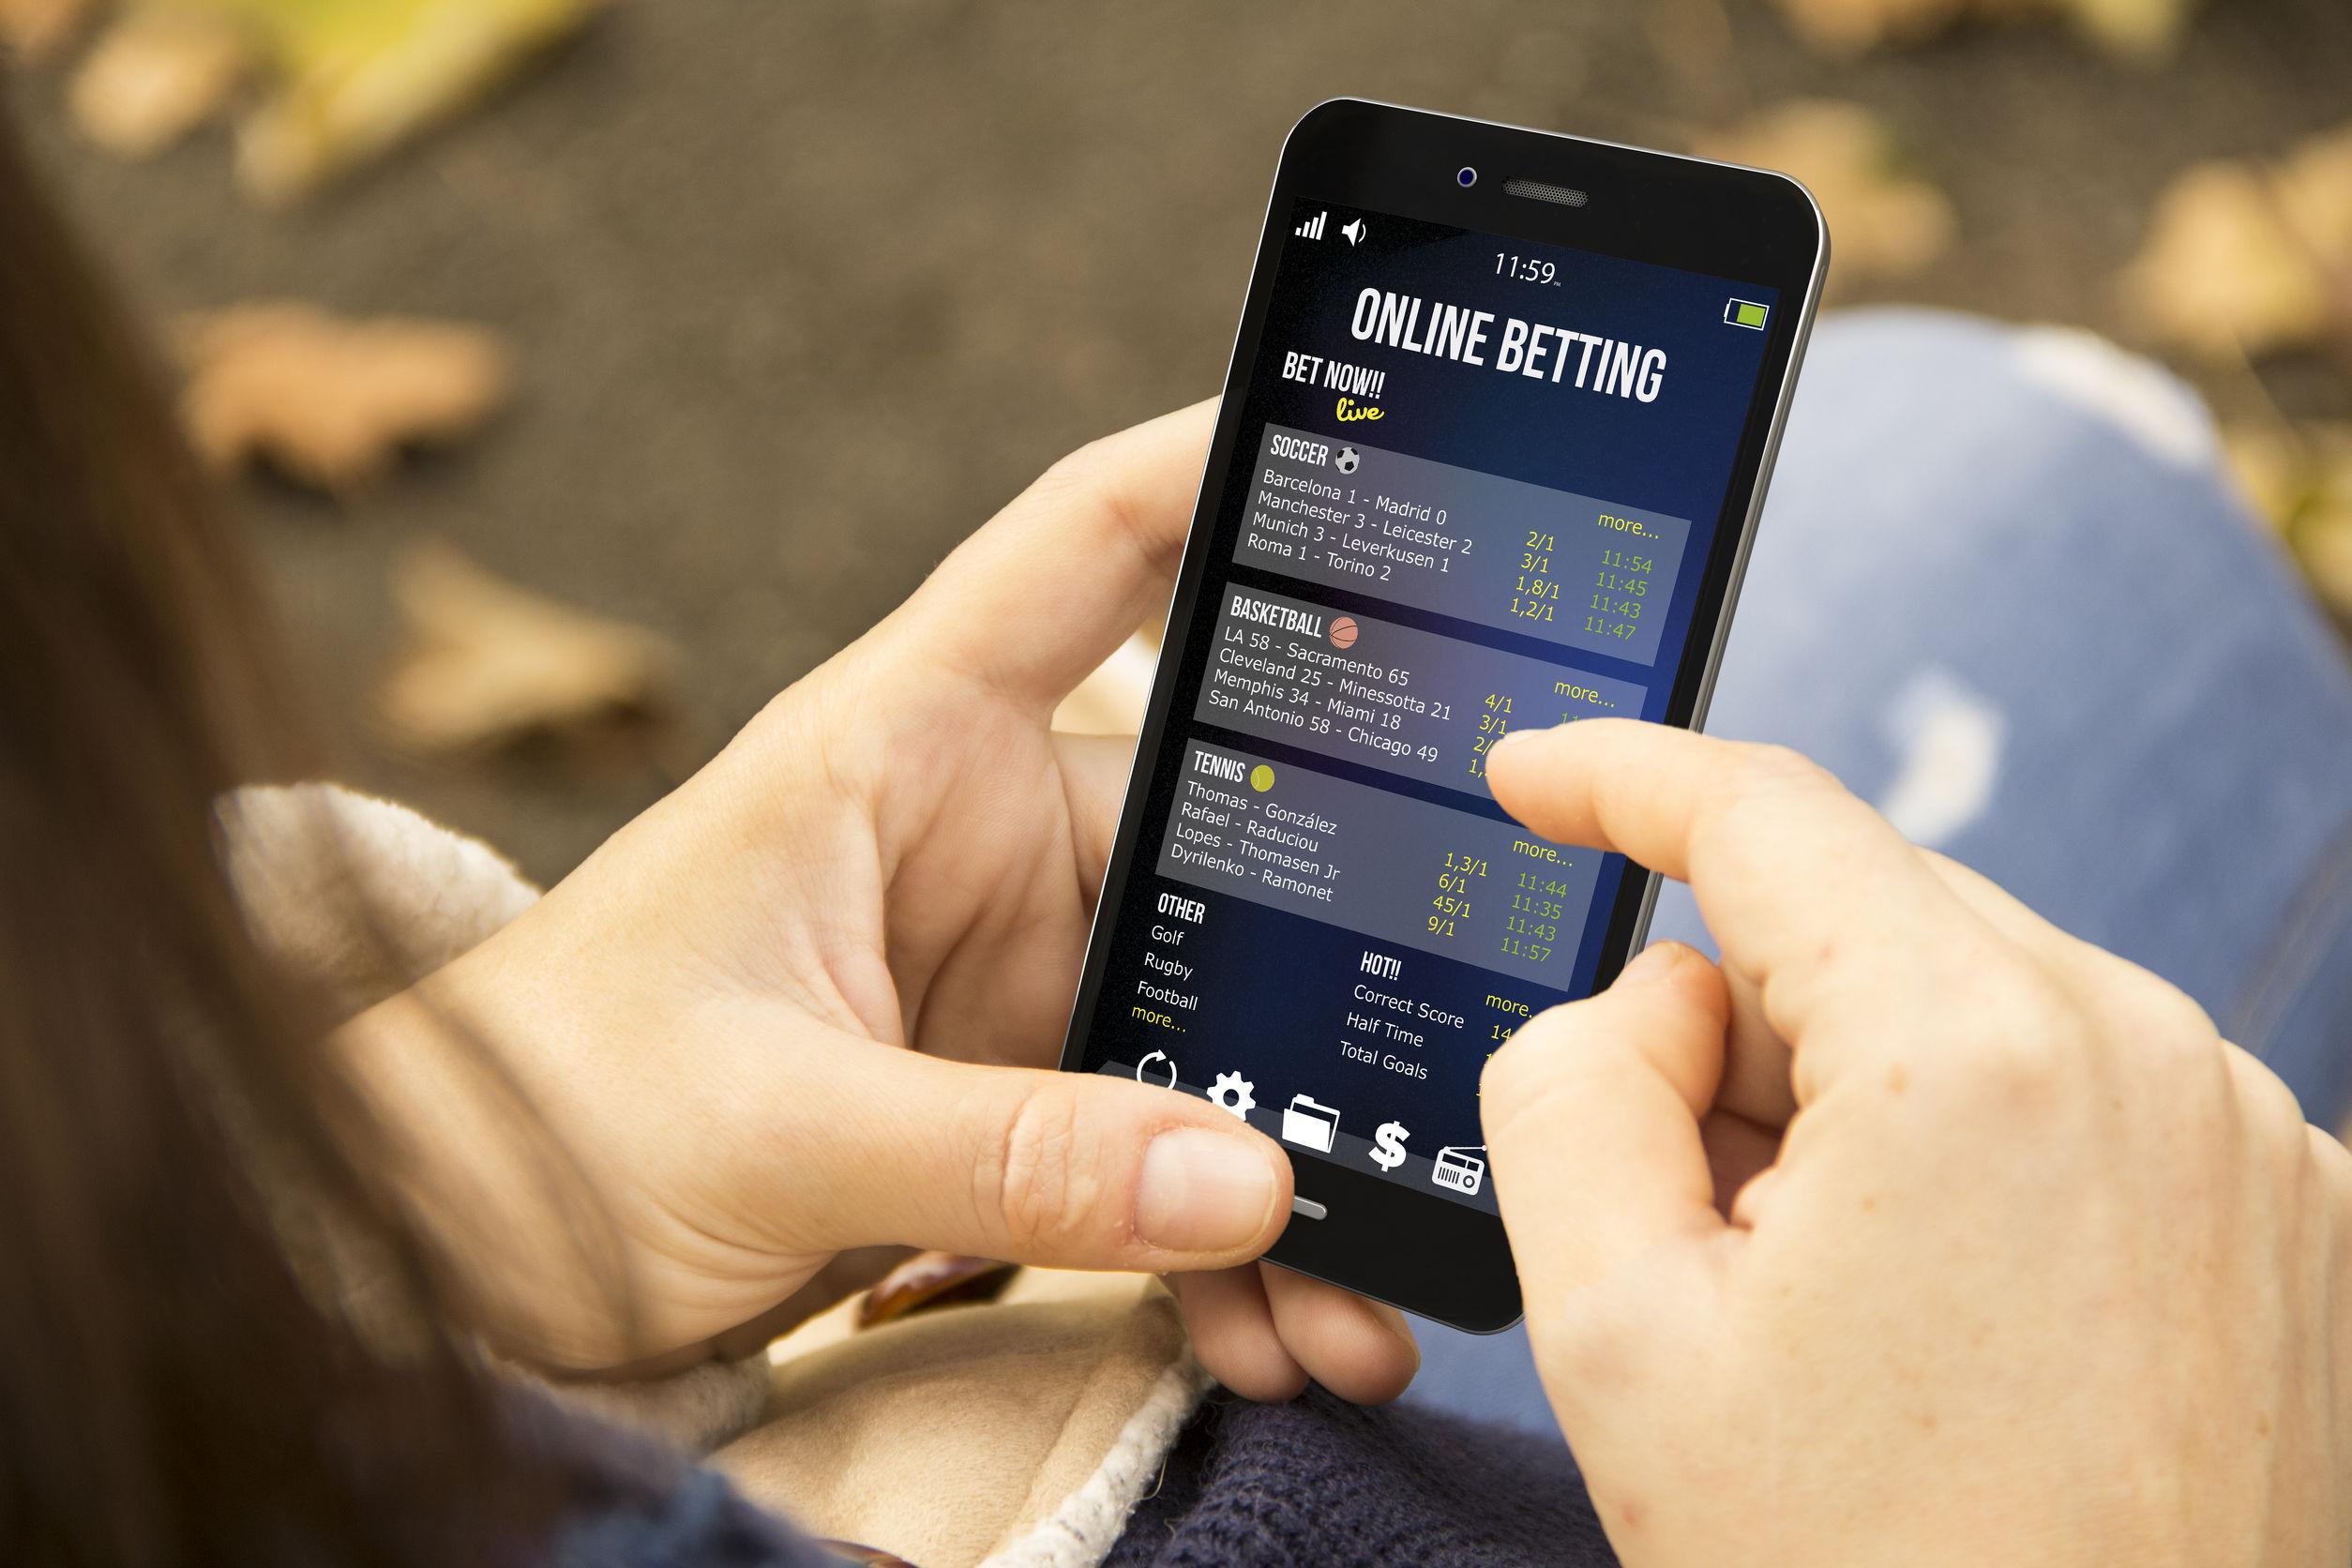 Situs Agen Judi Bola Online Asli yang Wajib Diakses